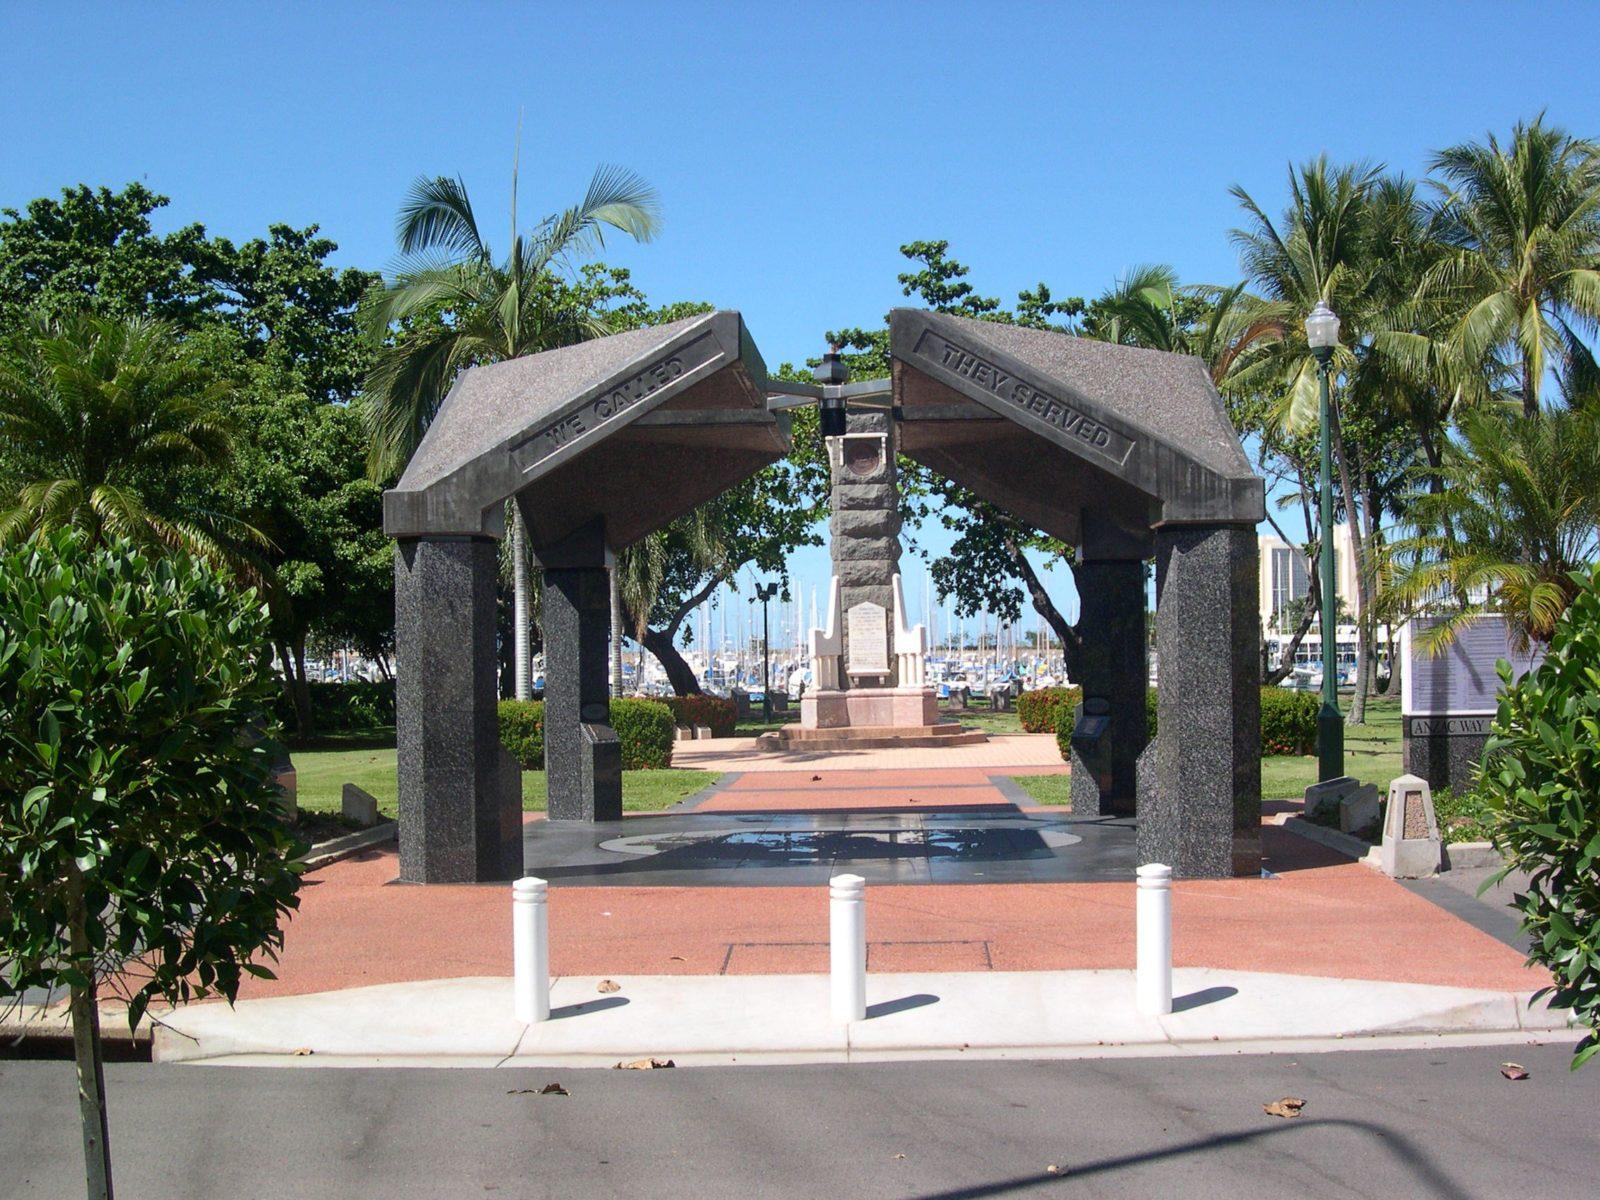 The Strand Park Townsville War Memorial